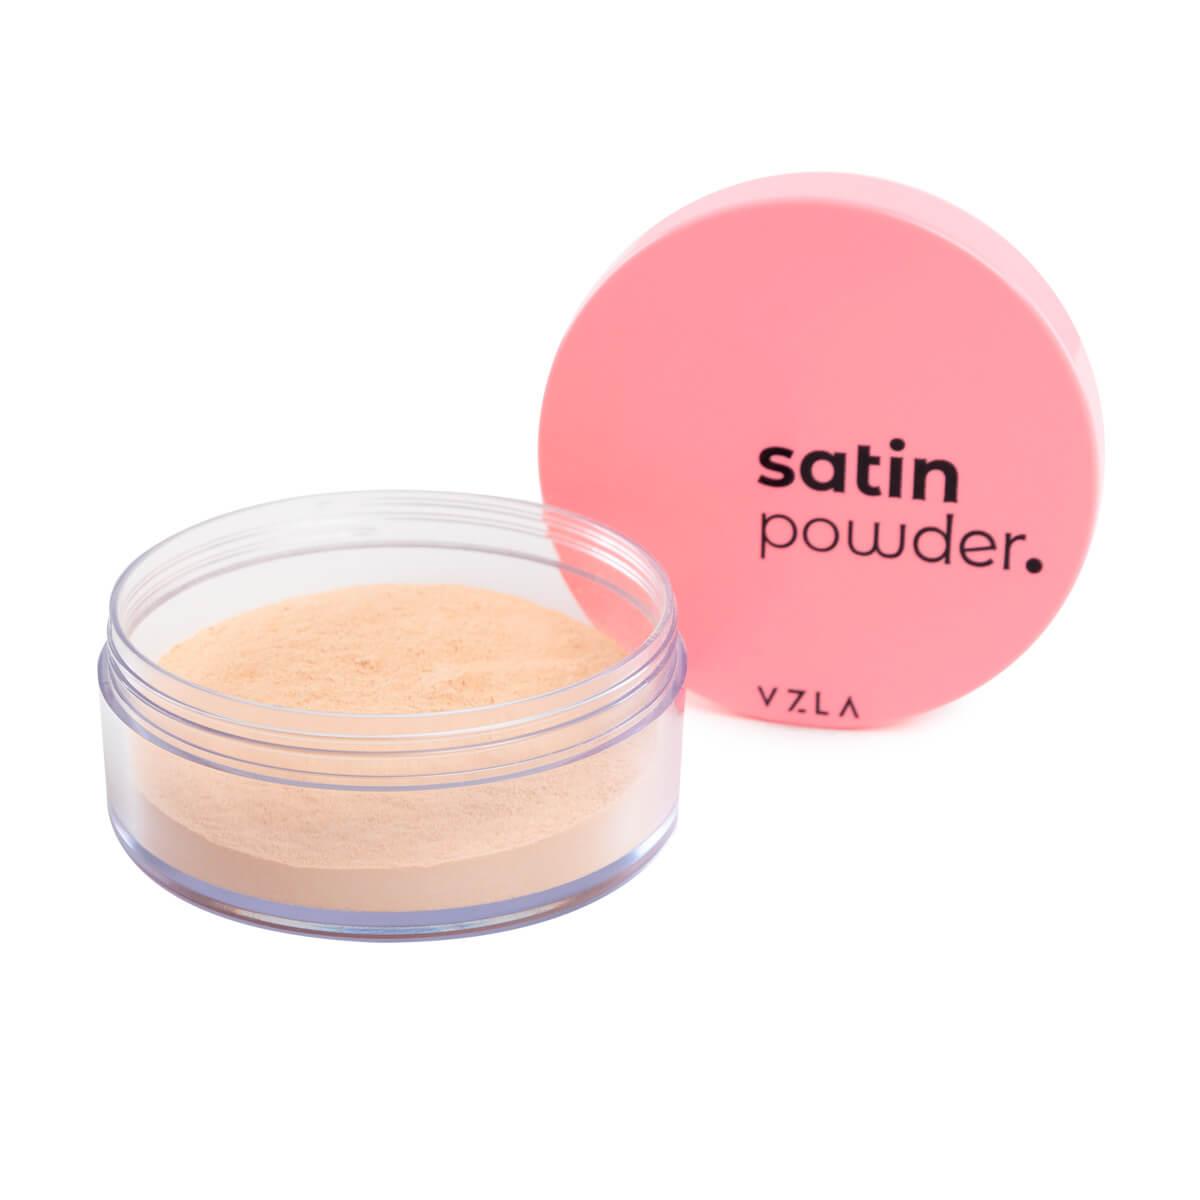 Satin Powder Vizzela Cor 2 Pó Solto Ultrafino Acabamento Acetinado